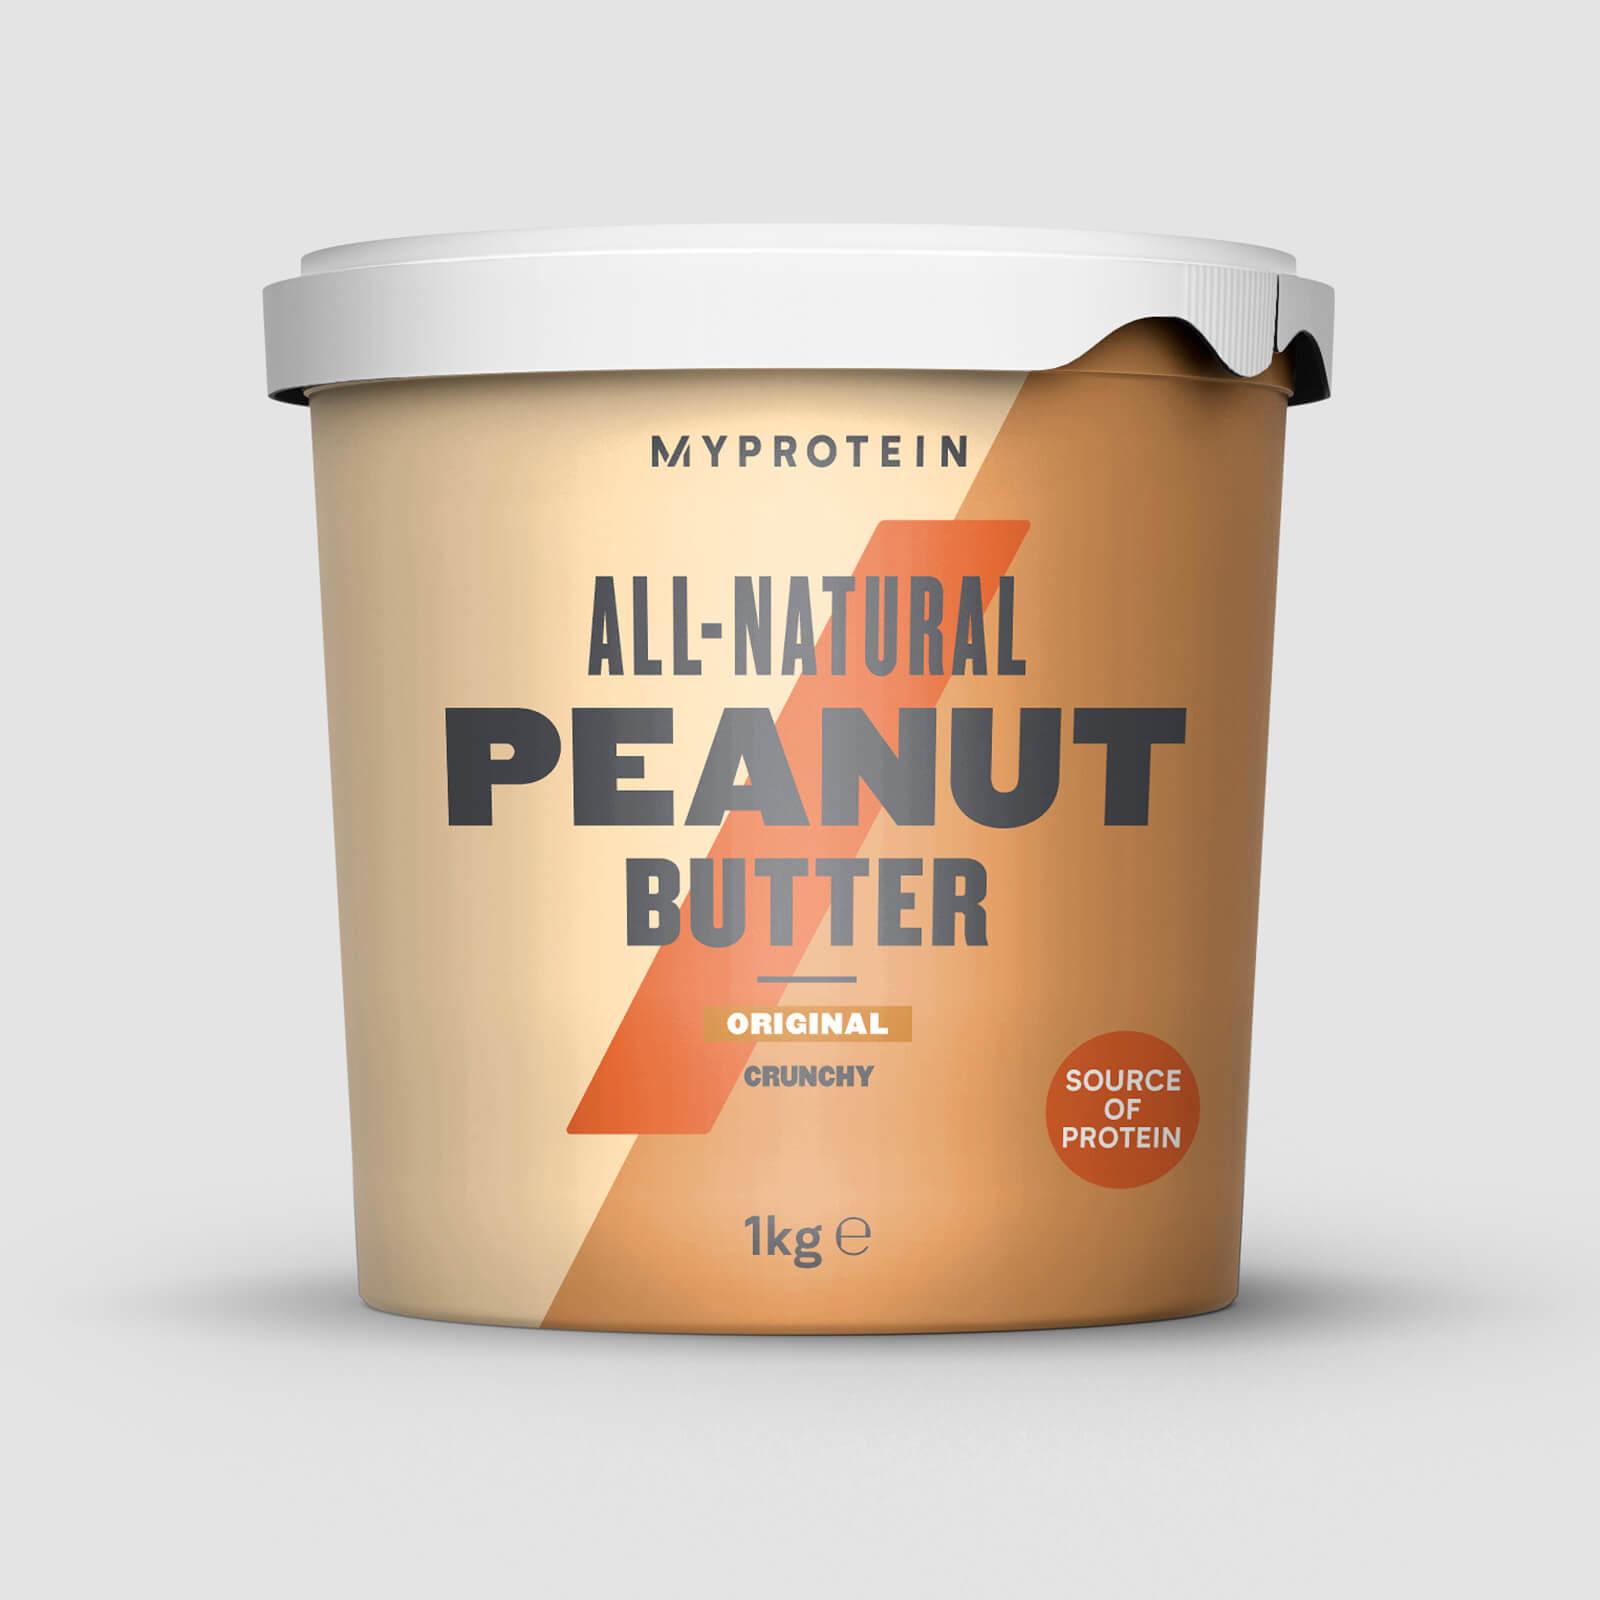 Le meilleur snack pour la perte de poids